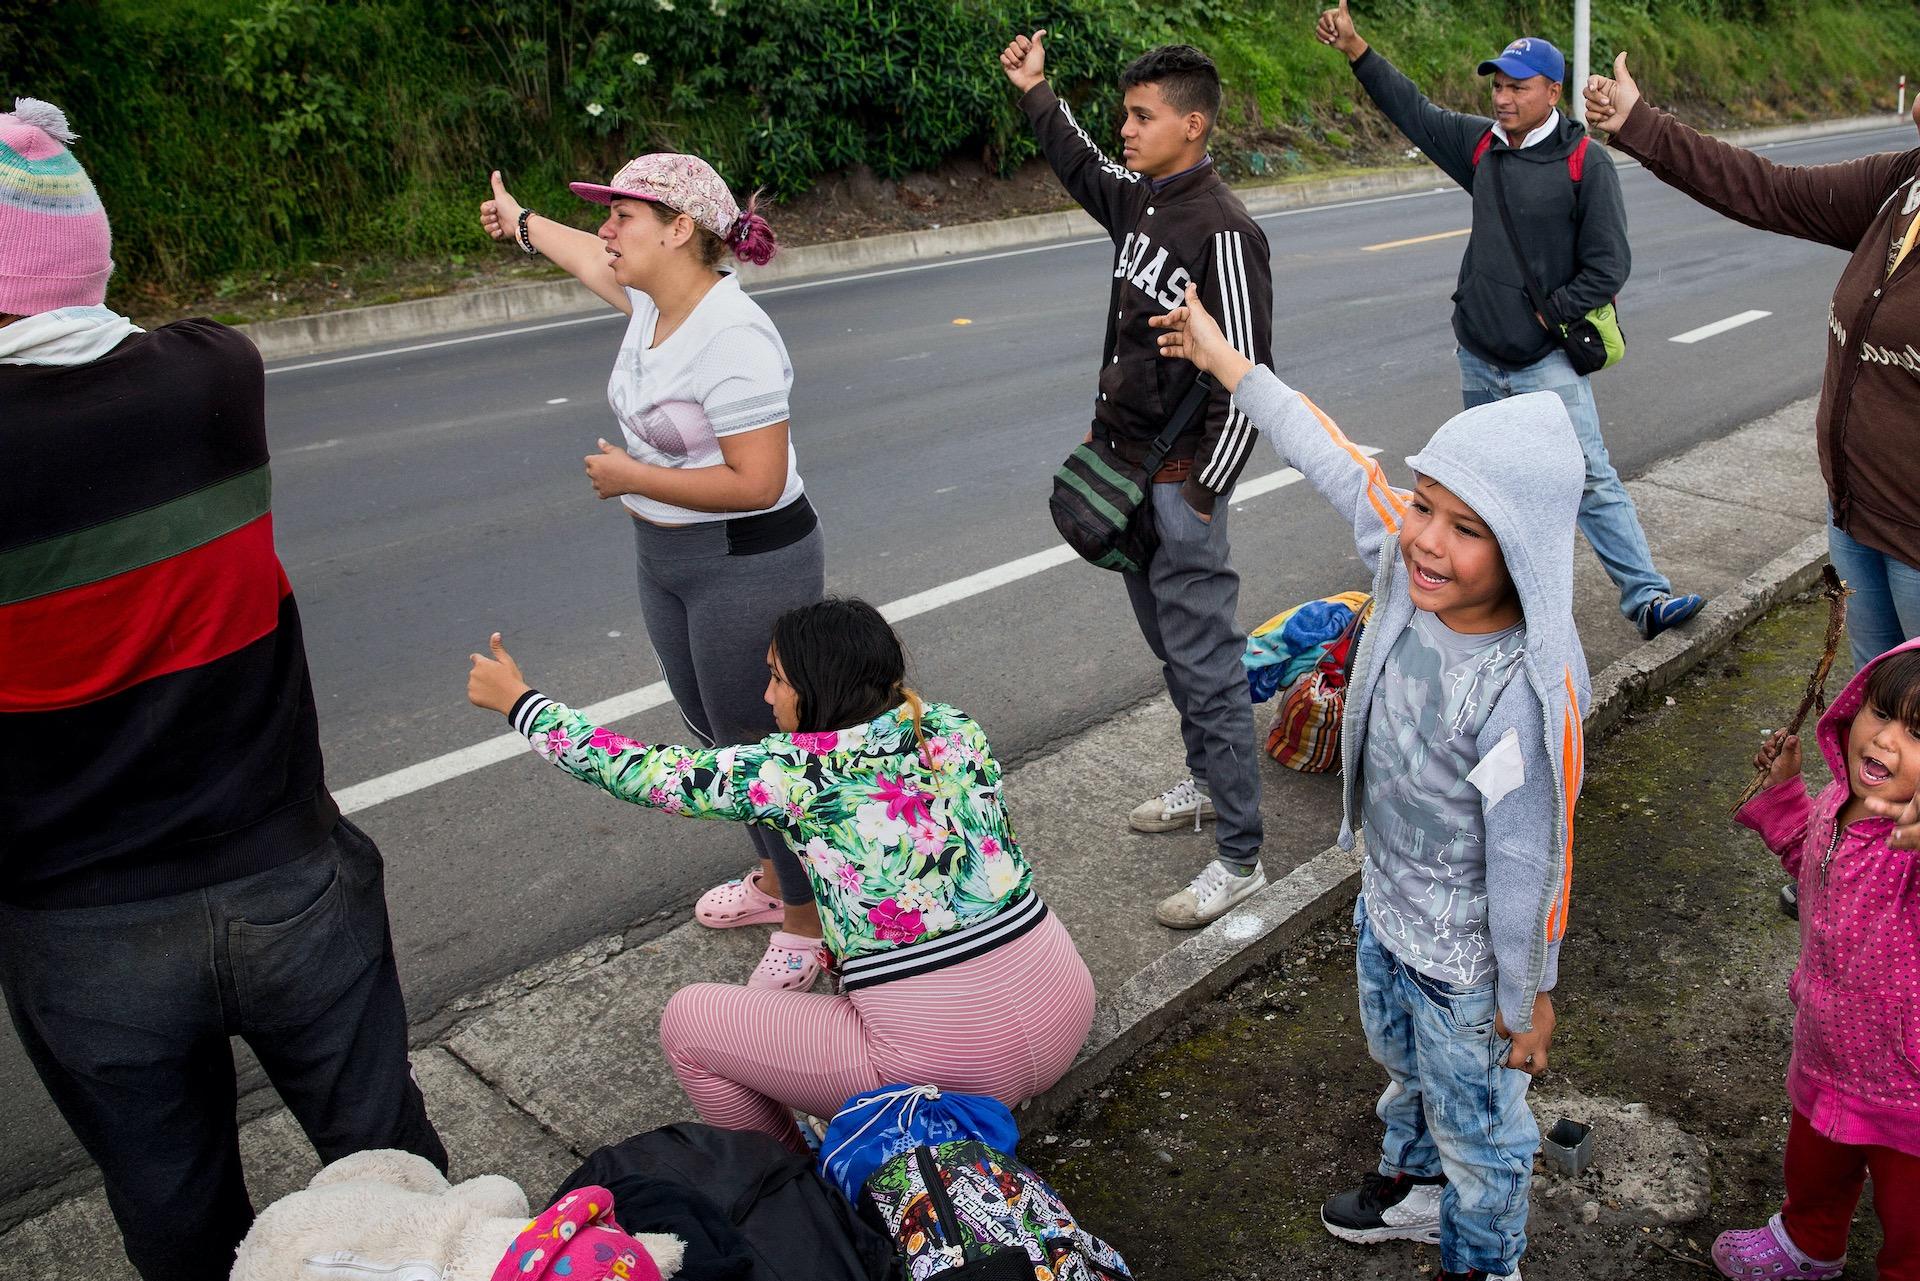 Liften richting Peru.In Rumichaca, de grensovergang tussen Ecuador en Colombia, steken dagelijks honderden mensen de grens over, vaak net gevlucht uit Venezuela en heel Colombia doorgereisd. Met de bus, liftend of te voet. Sommigen hebben niets meer dan een tasje met wat kleding bij zich. Veel worden onderweg beroofd van hun bezittingen.